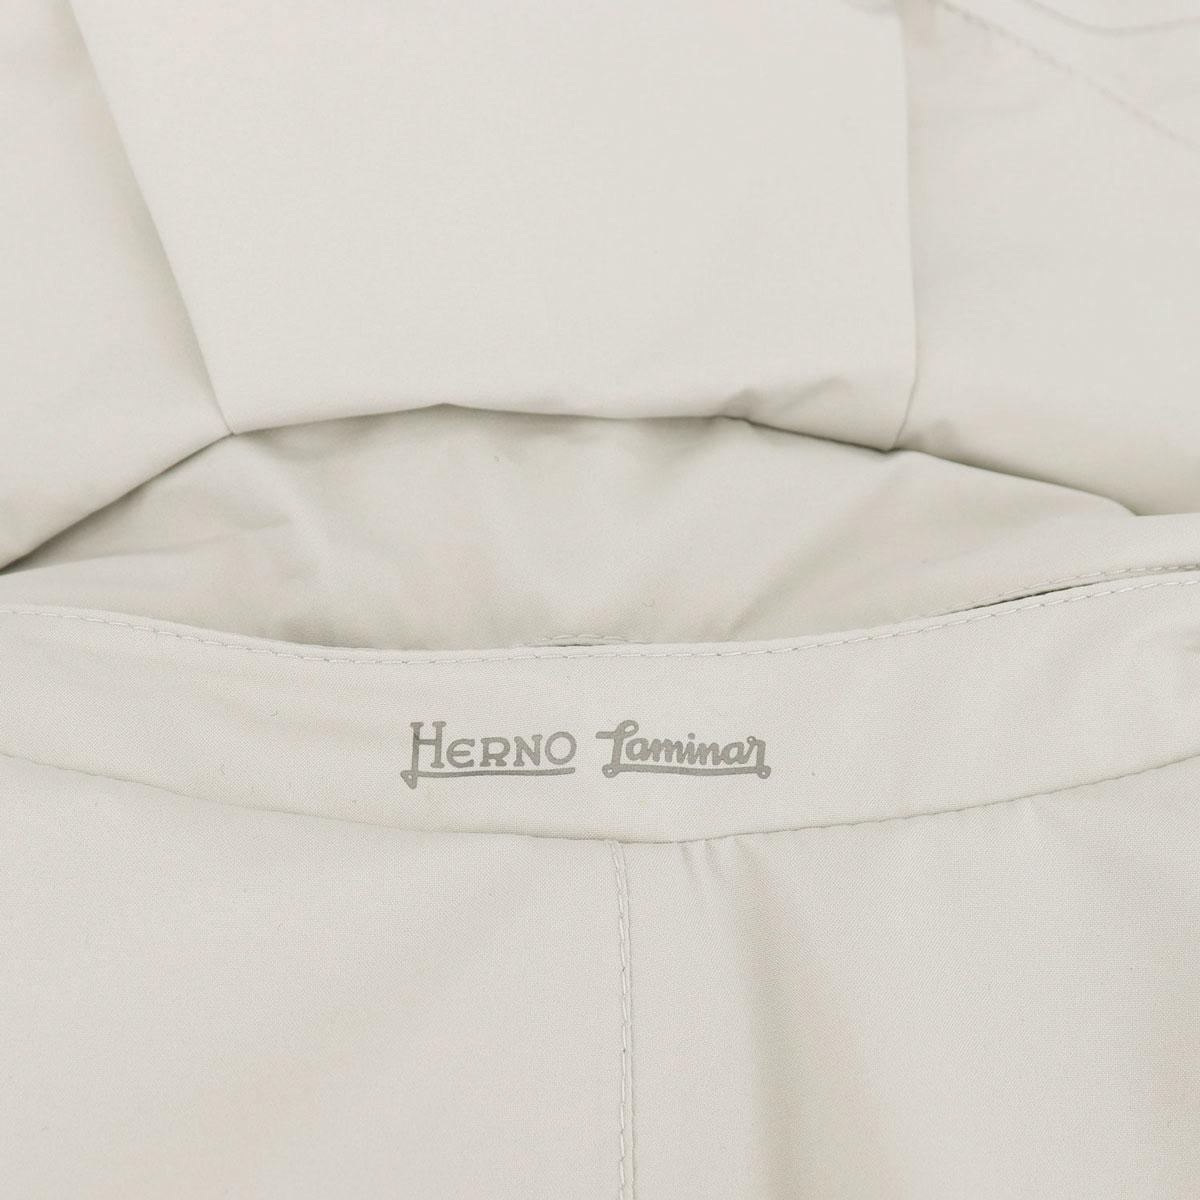 【決算セール】ヘルノ HERNO メンズ 中綿入り LAMINAR ラミナー GORE-TEX ゴアテックス 撥水 トレンチコート PI113UL 11121/BF/D 1300(オフホワイト)【返品交換不可】